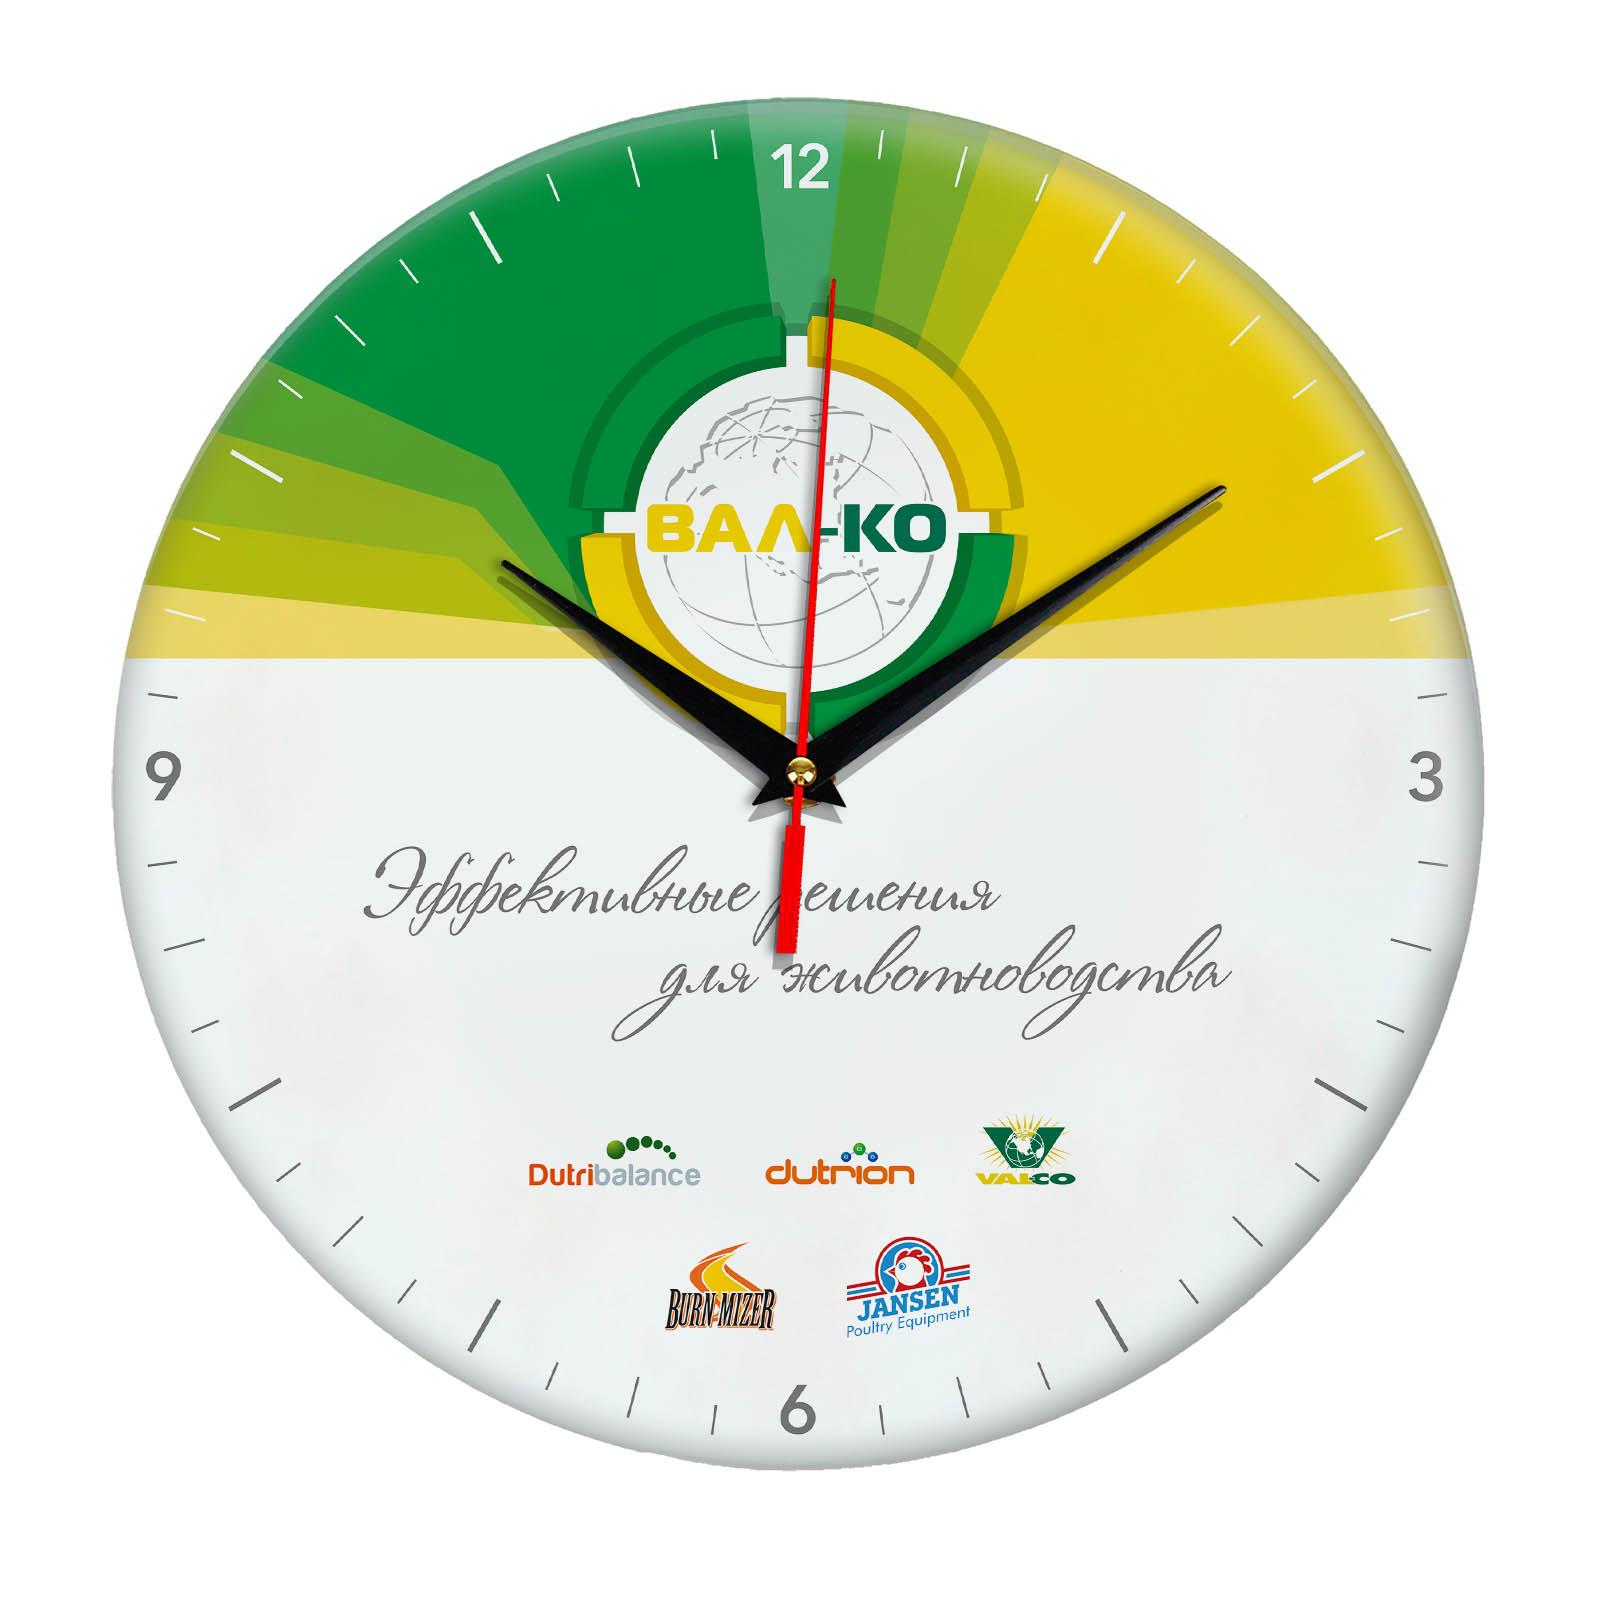 Настенные часы «valko»